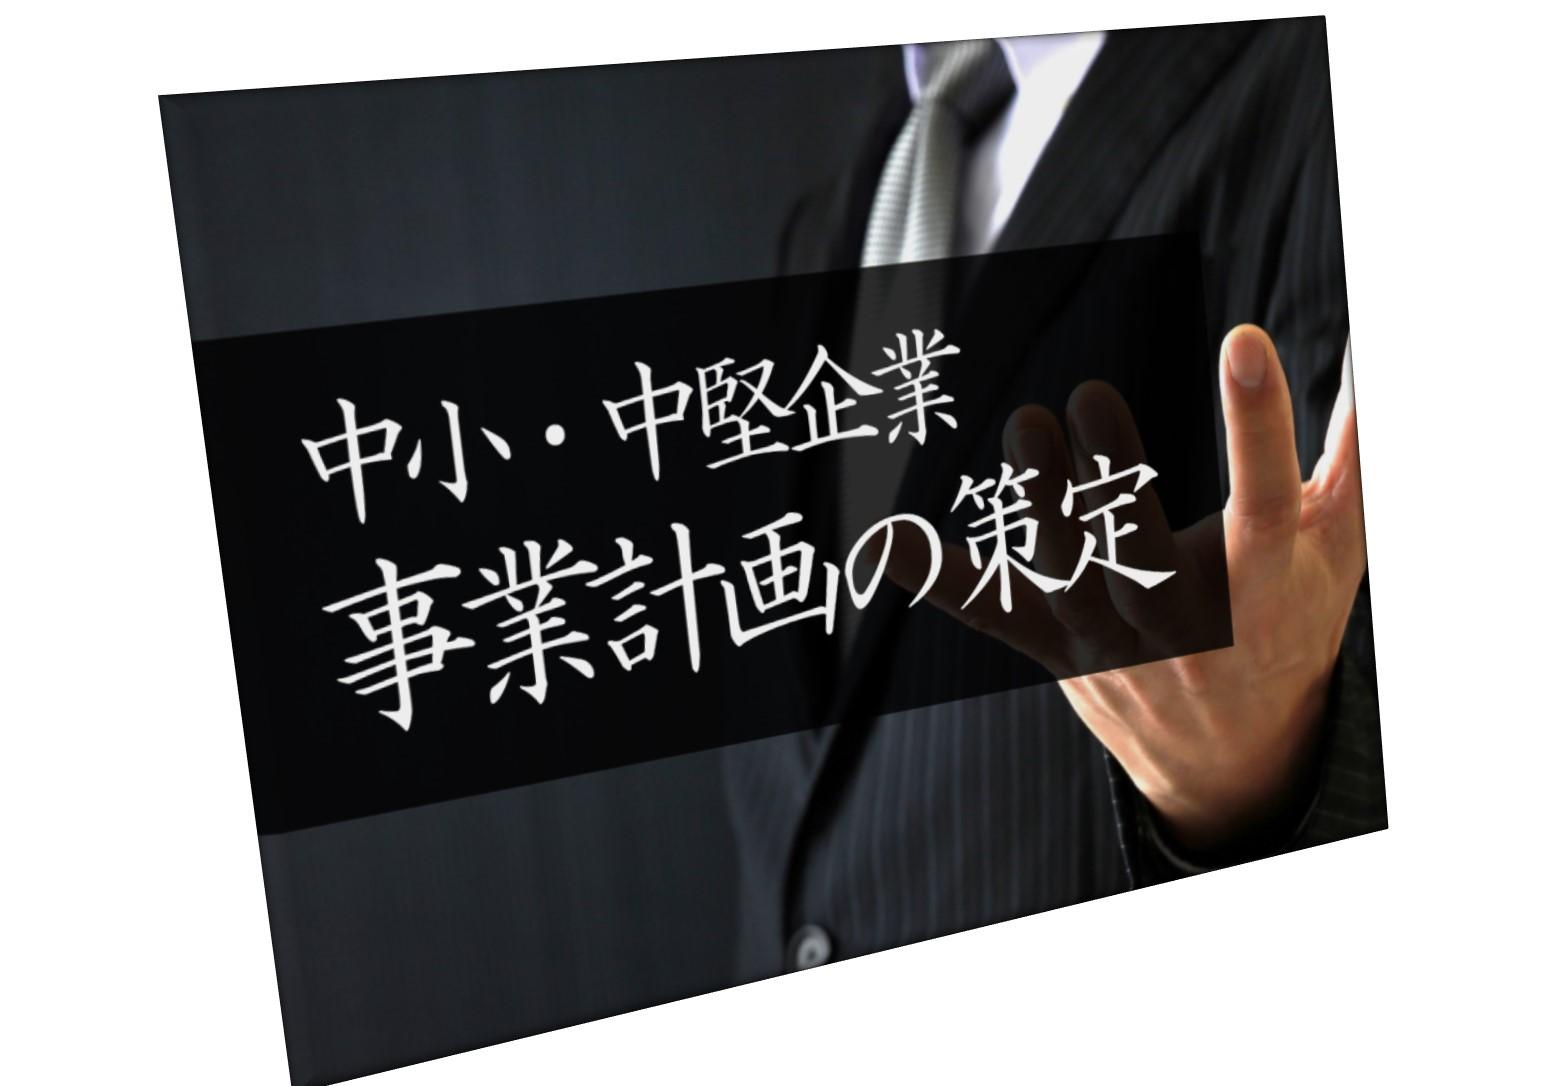 情熱と苦労、葛藤と喜びの中で、事業の継承・永続には、共通の悩みとうまくいくポイントがある。